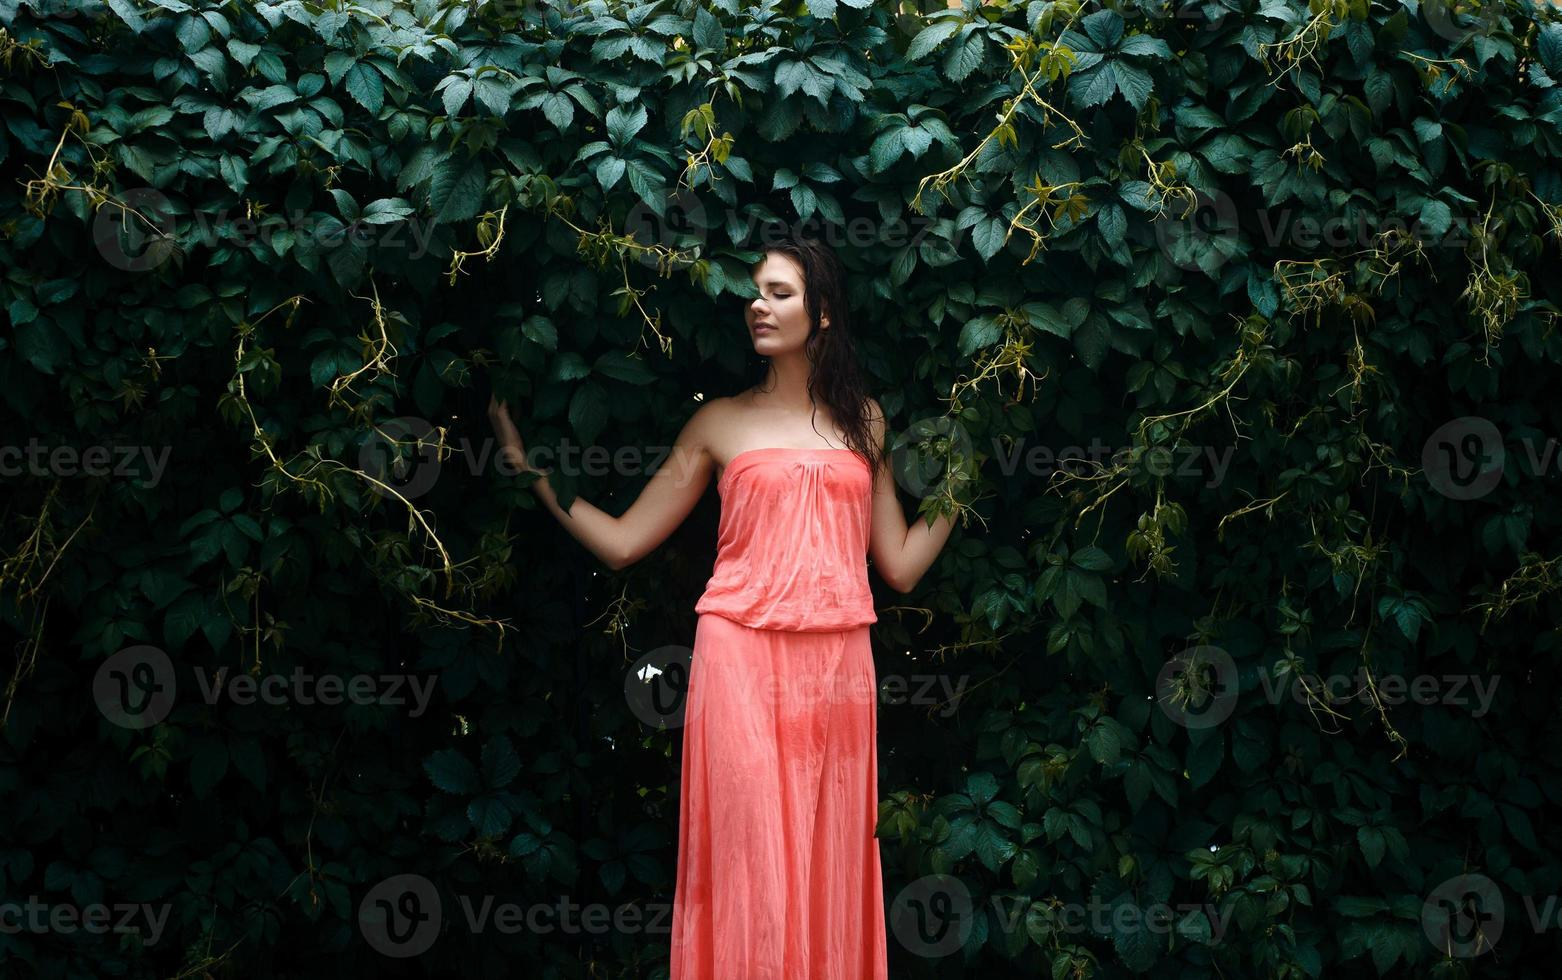 natürliche weibliche Schönheit im Sommerregen foto